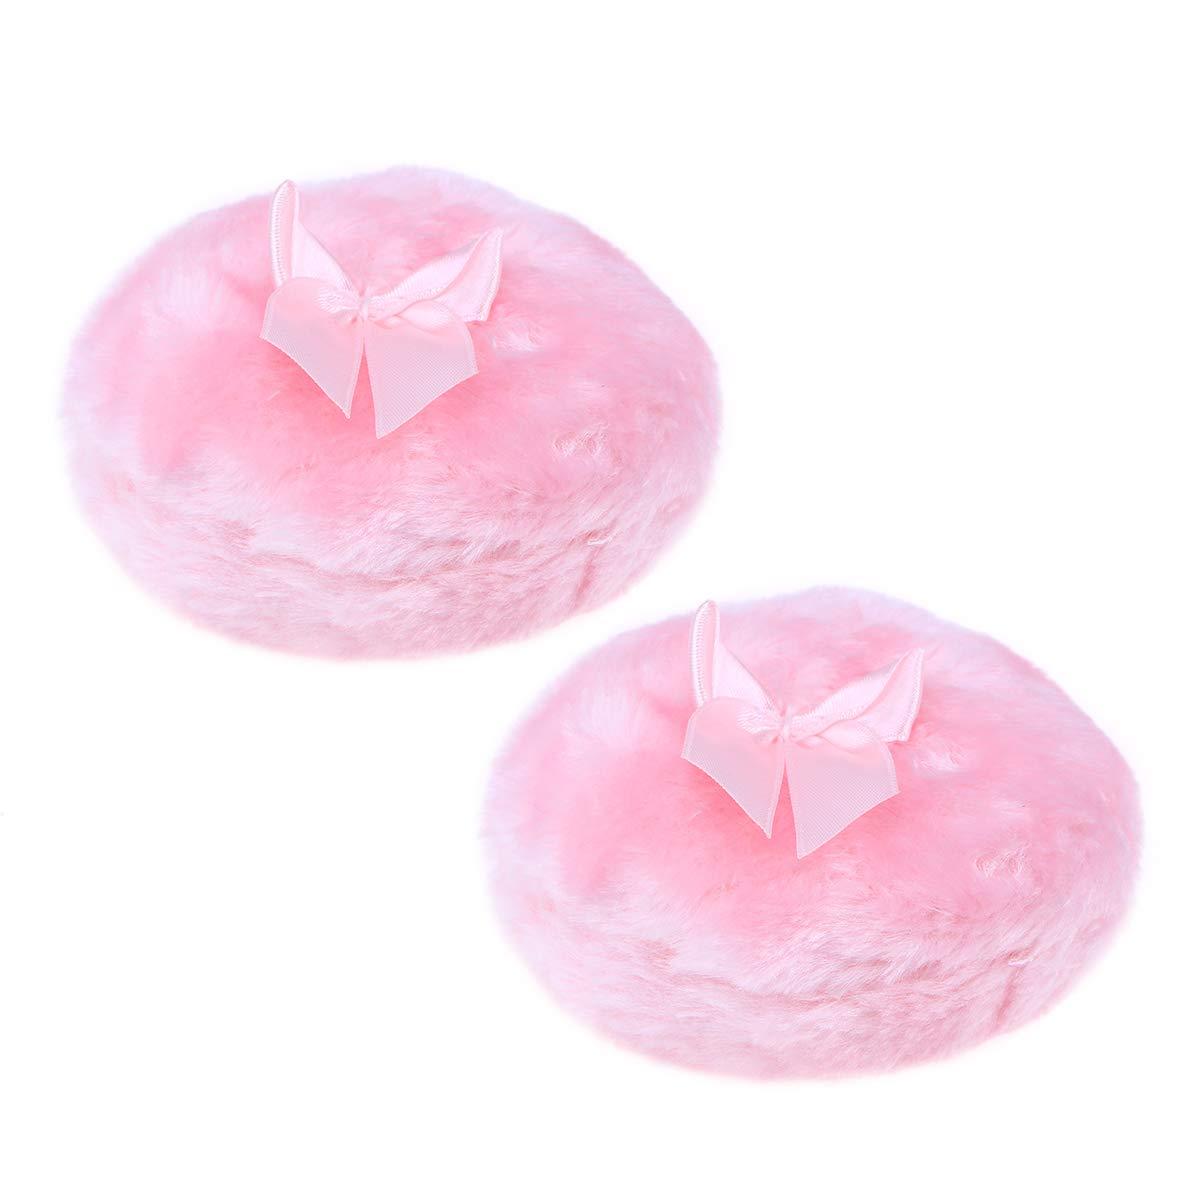 Frcolor 2 Stück flauschige Puderquaste mit Bowknot große weiche Make-up Puder Schwamm Puff waschbar Runde Schwamm Puff für Körper Gesicht (Pink)